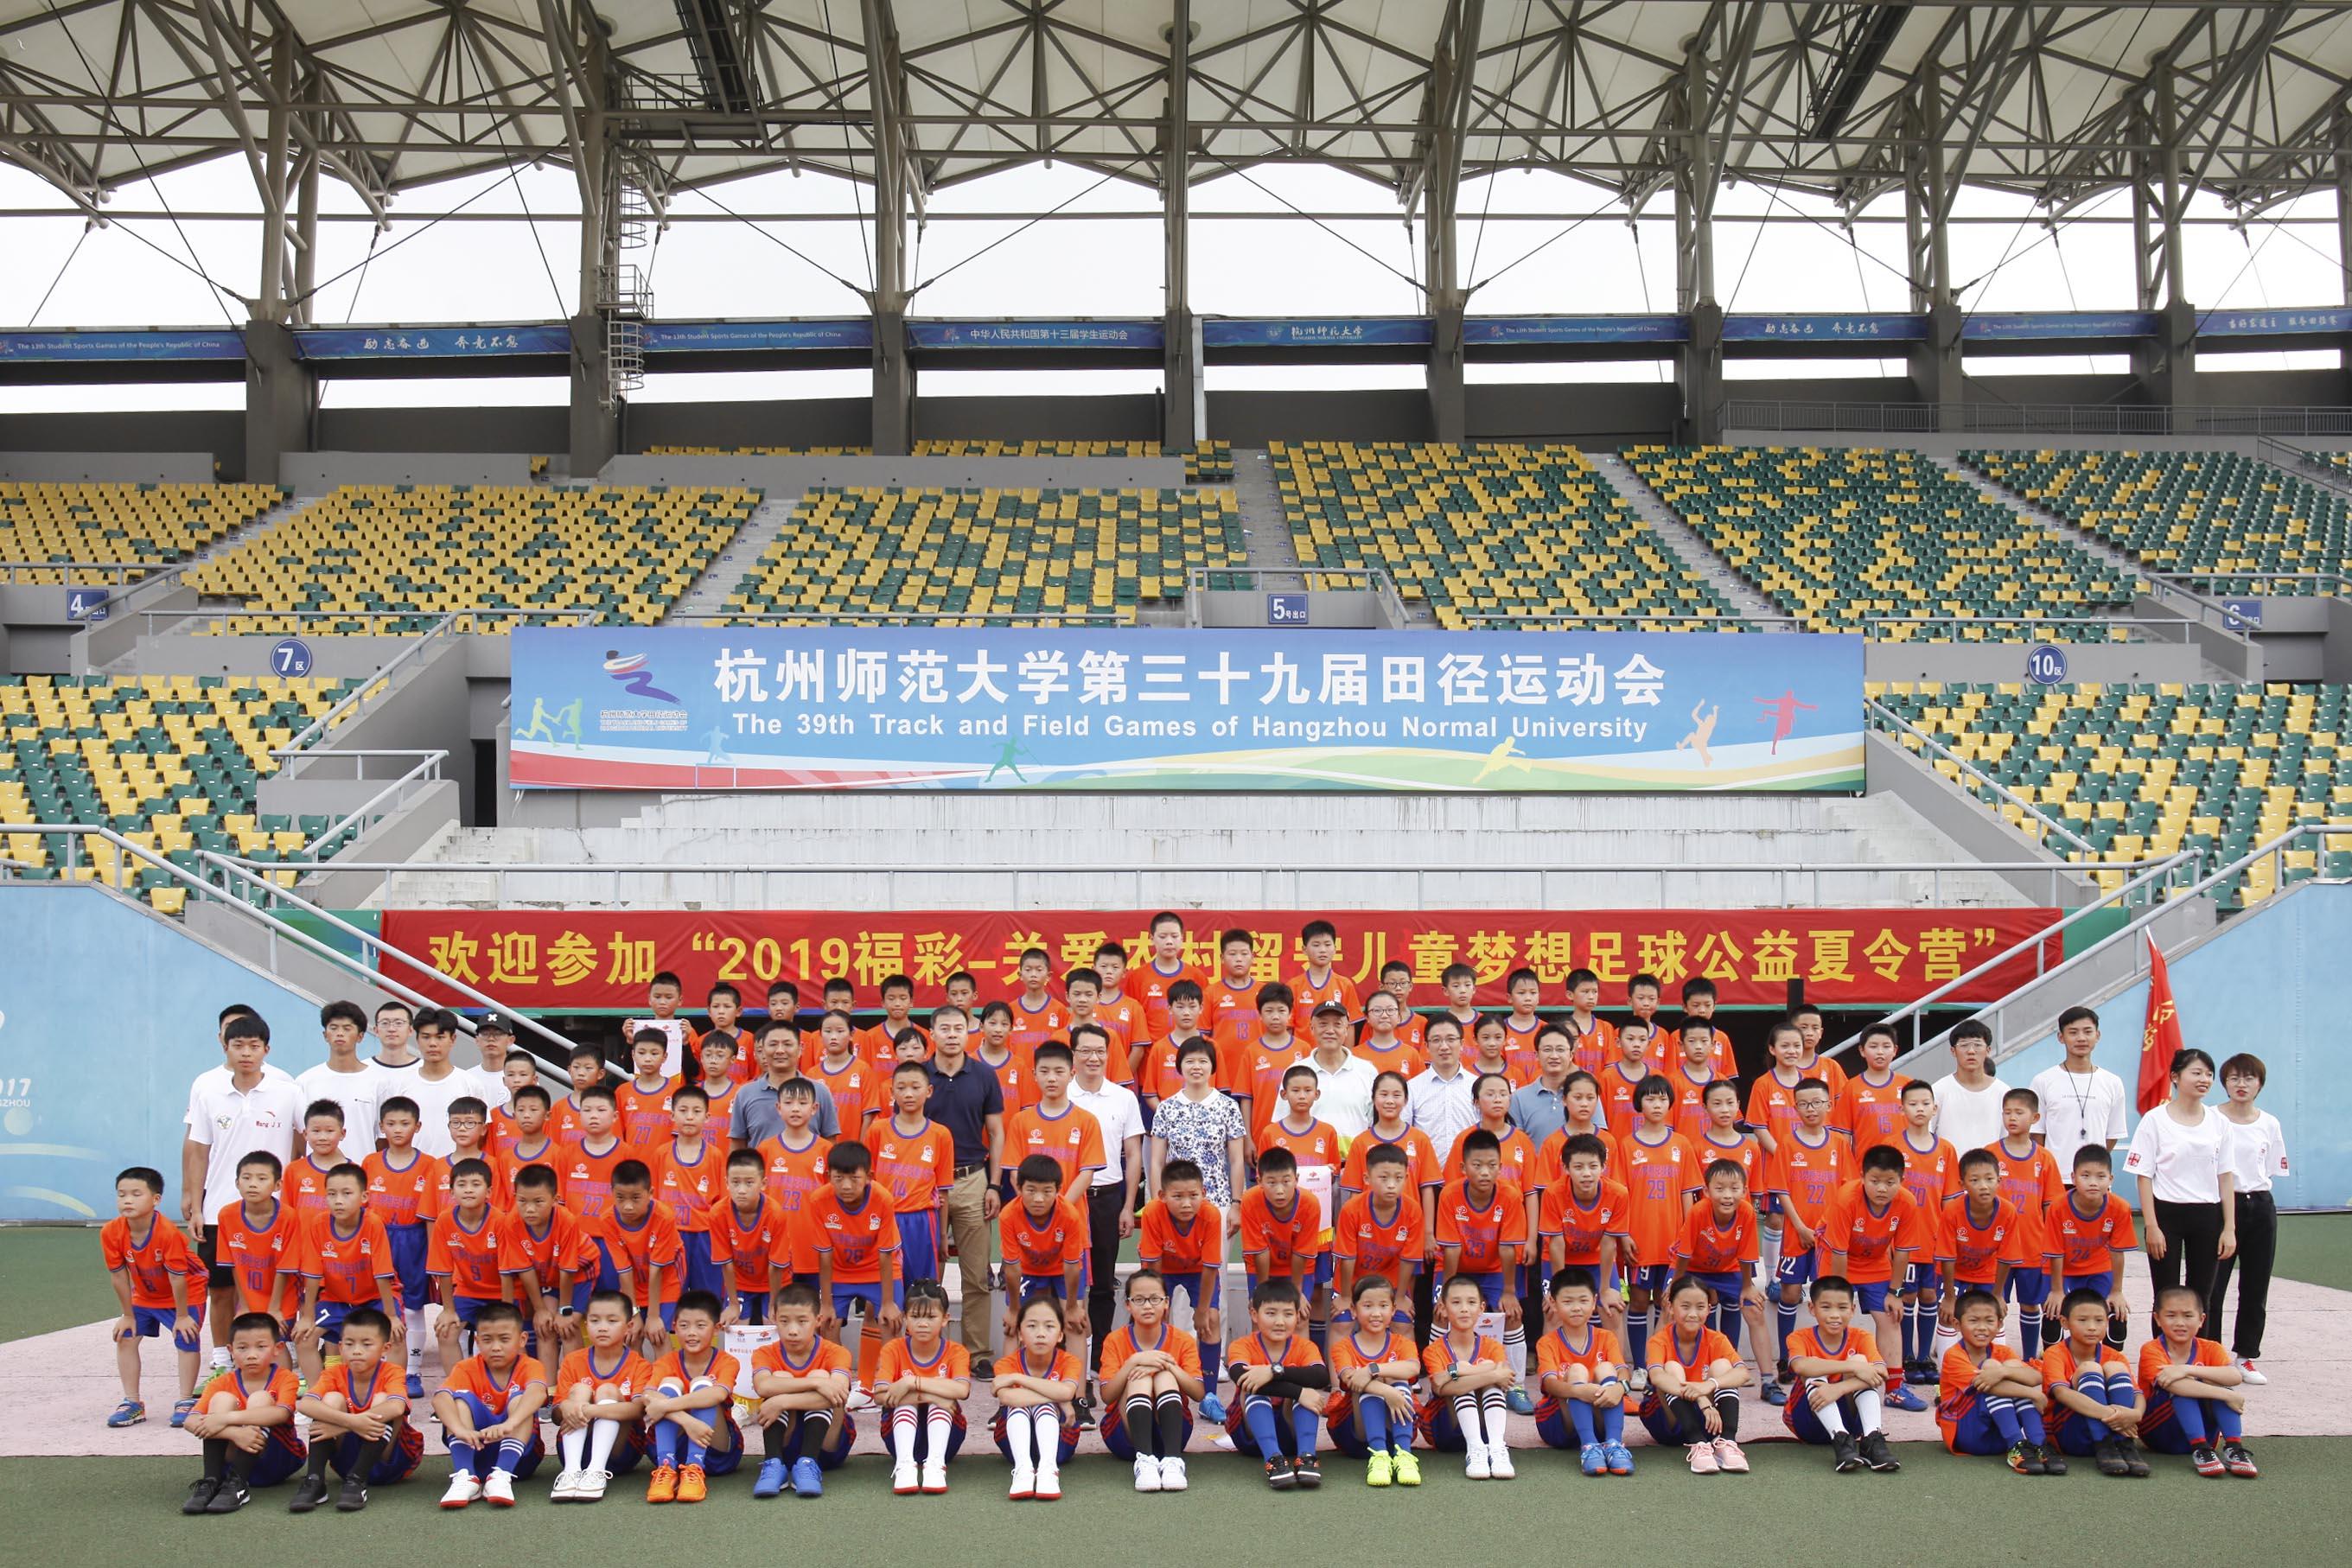 2019梦想足球公益夏令营开营